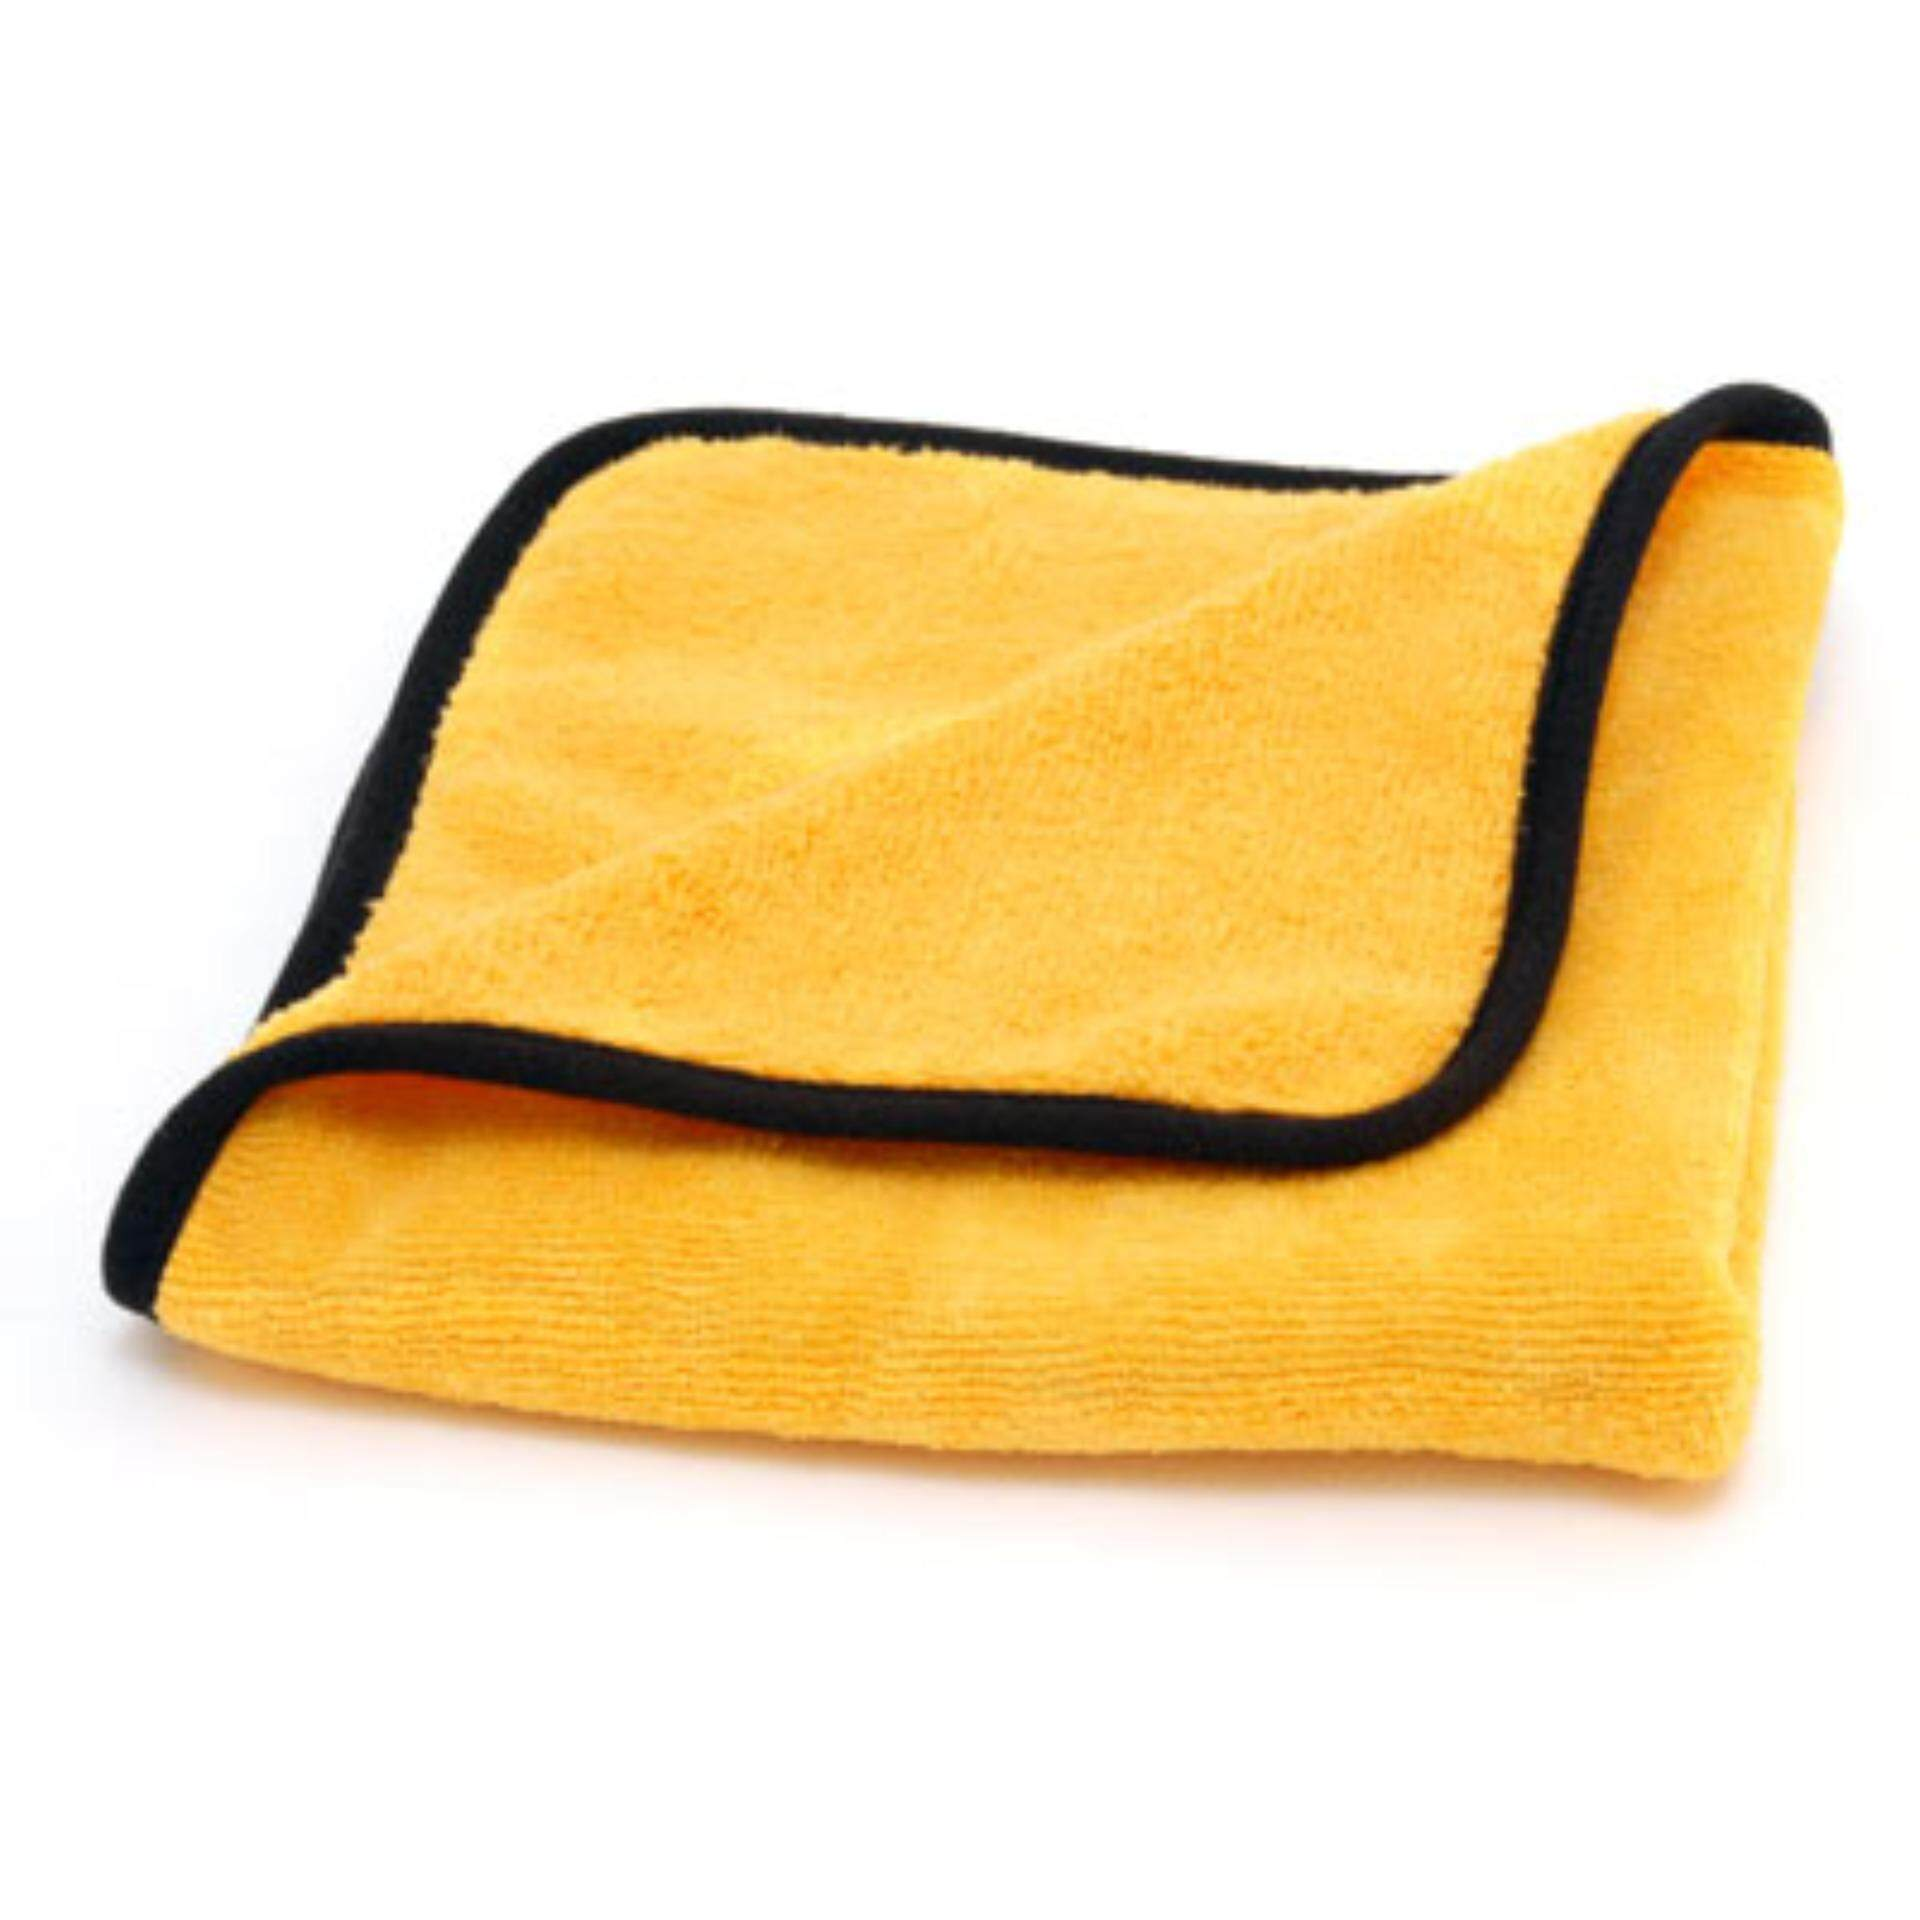 ผ้าไมโครไฟเบอร์เช็ดรถ Cobra Gold Plush Jr. Microfiber Towel 16*16 Inch By Waxahollic.